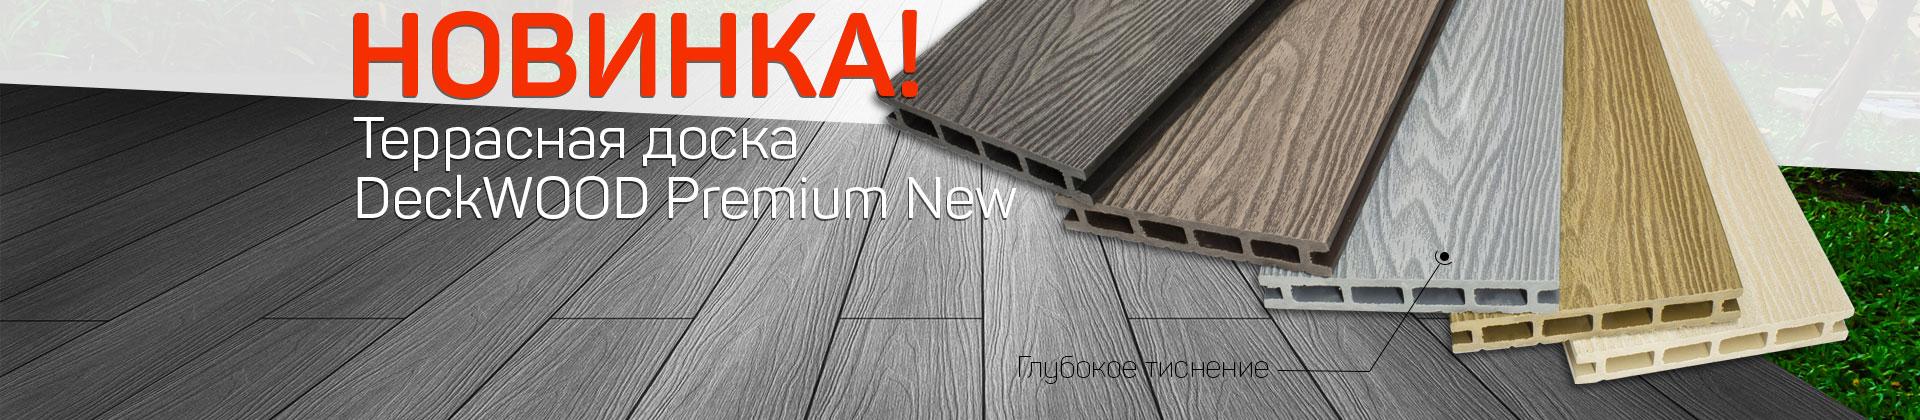 new-doska-premium